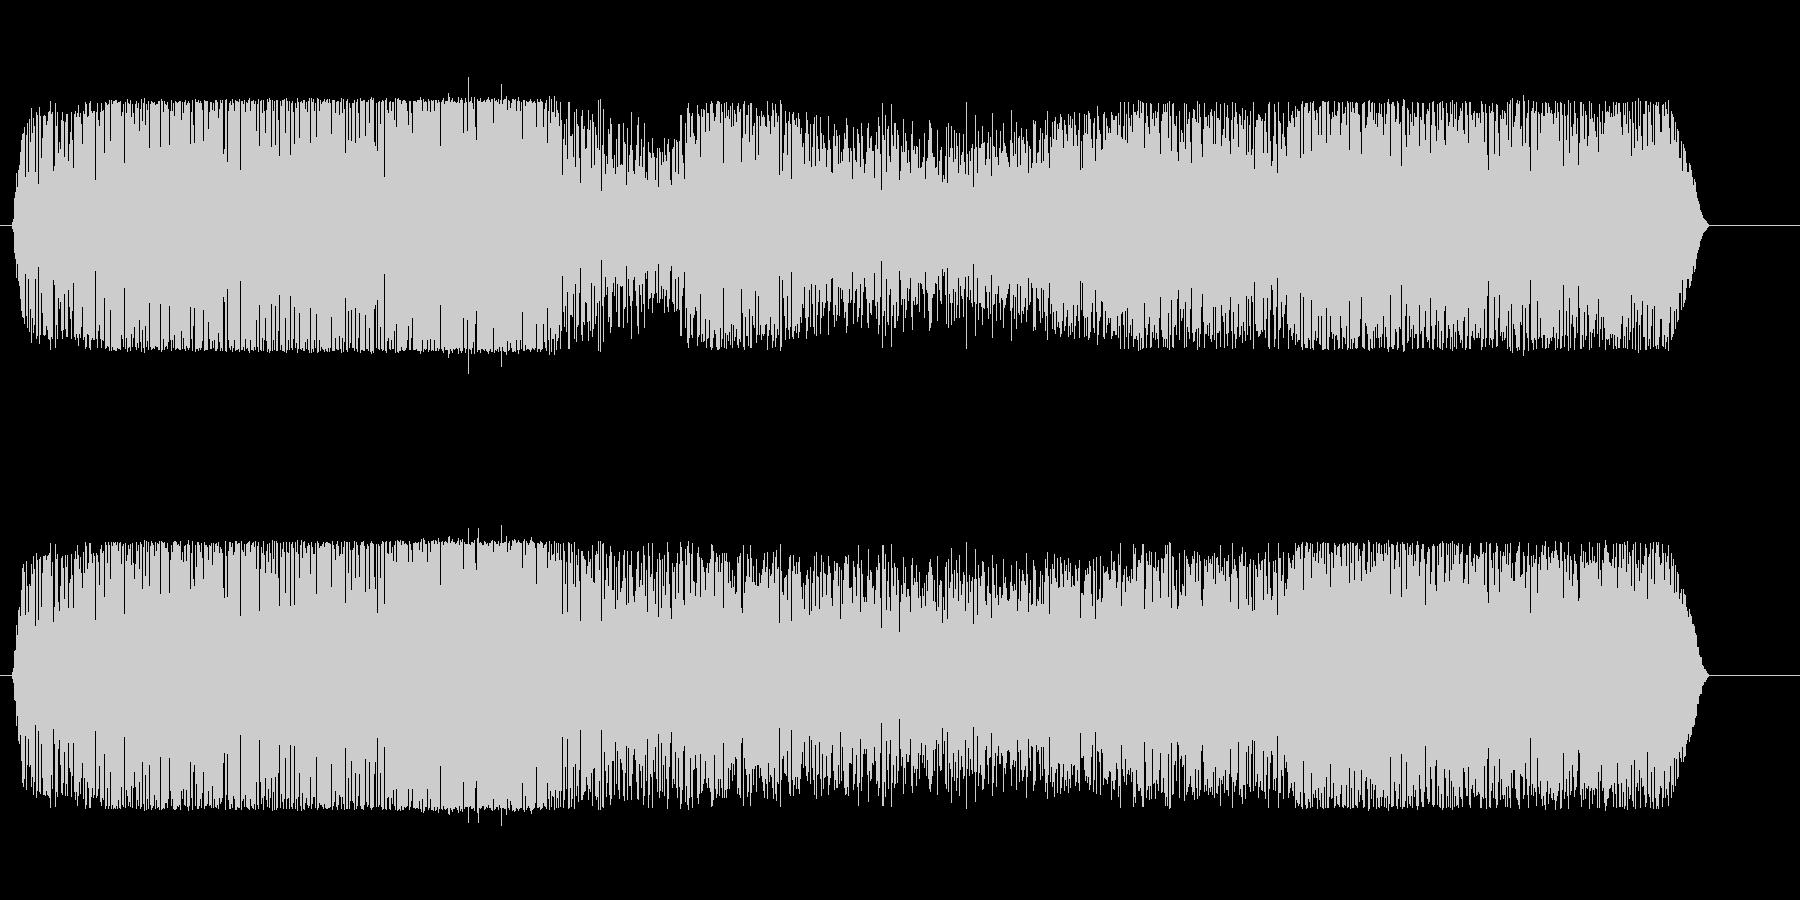 ドラッグスター;スタート/アイドル...の未再生の波形